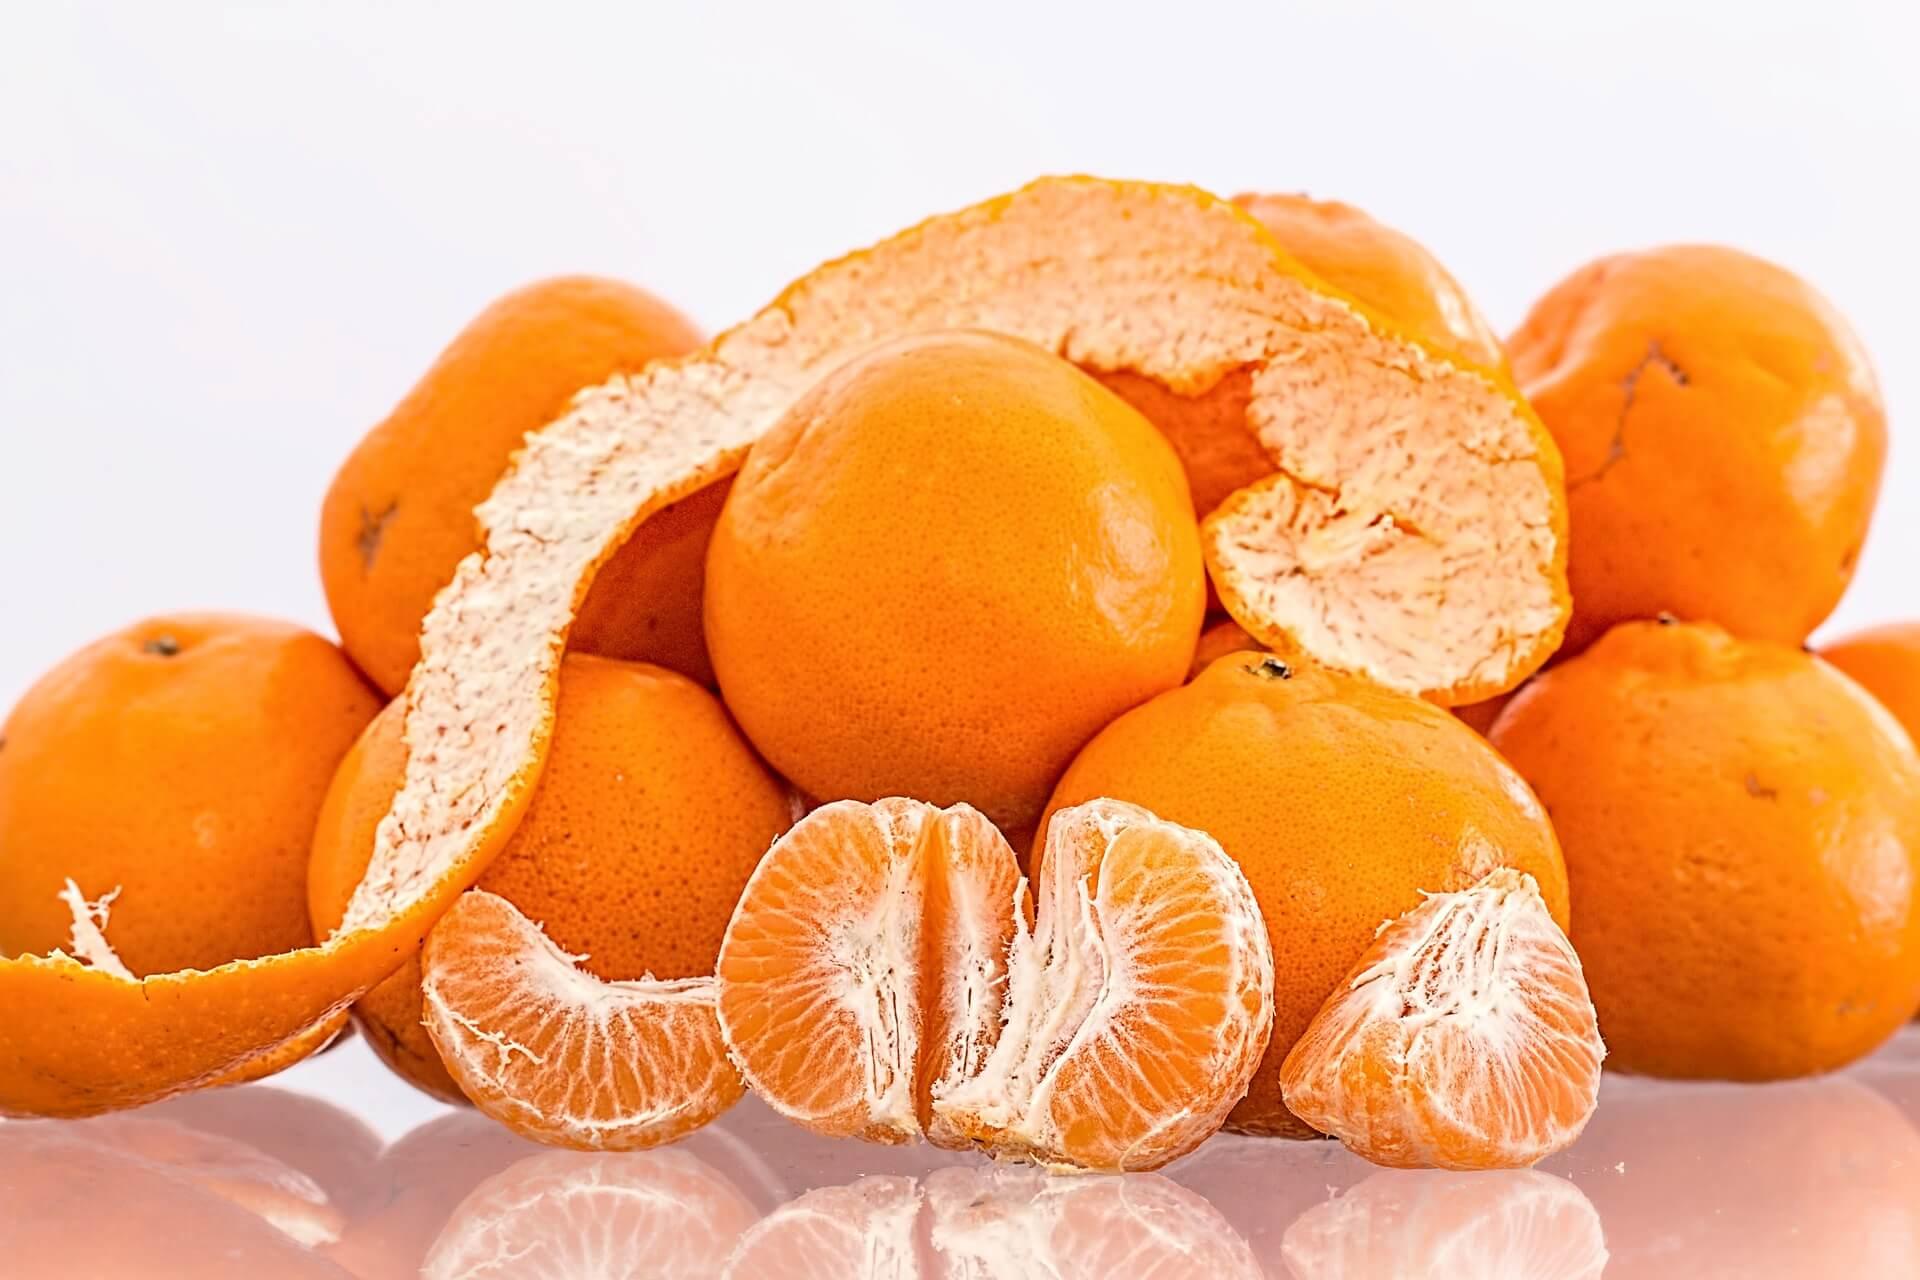 oranges suck